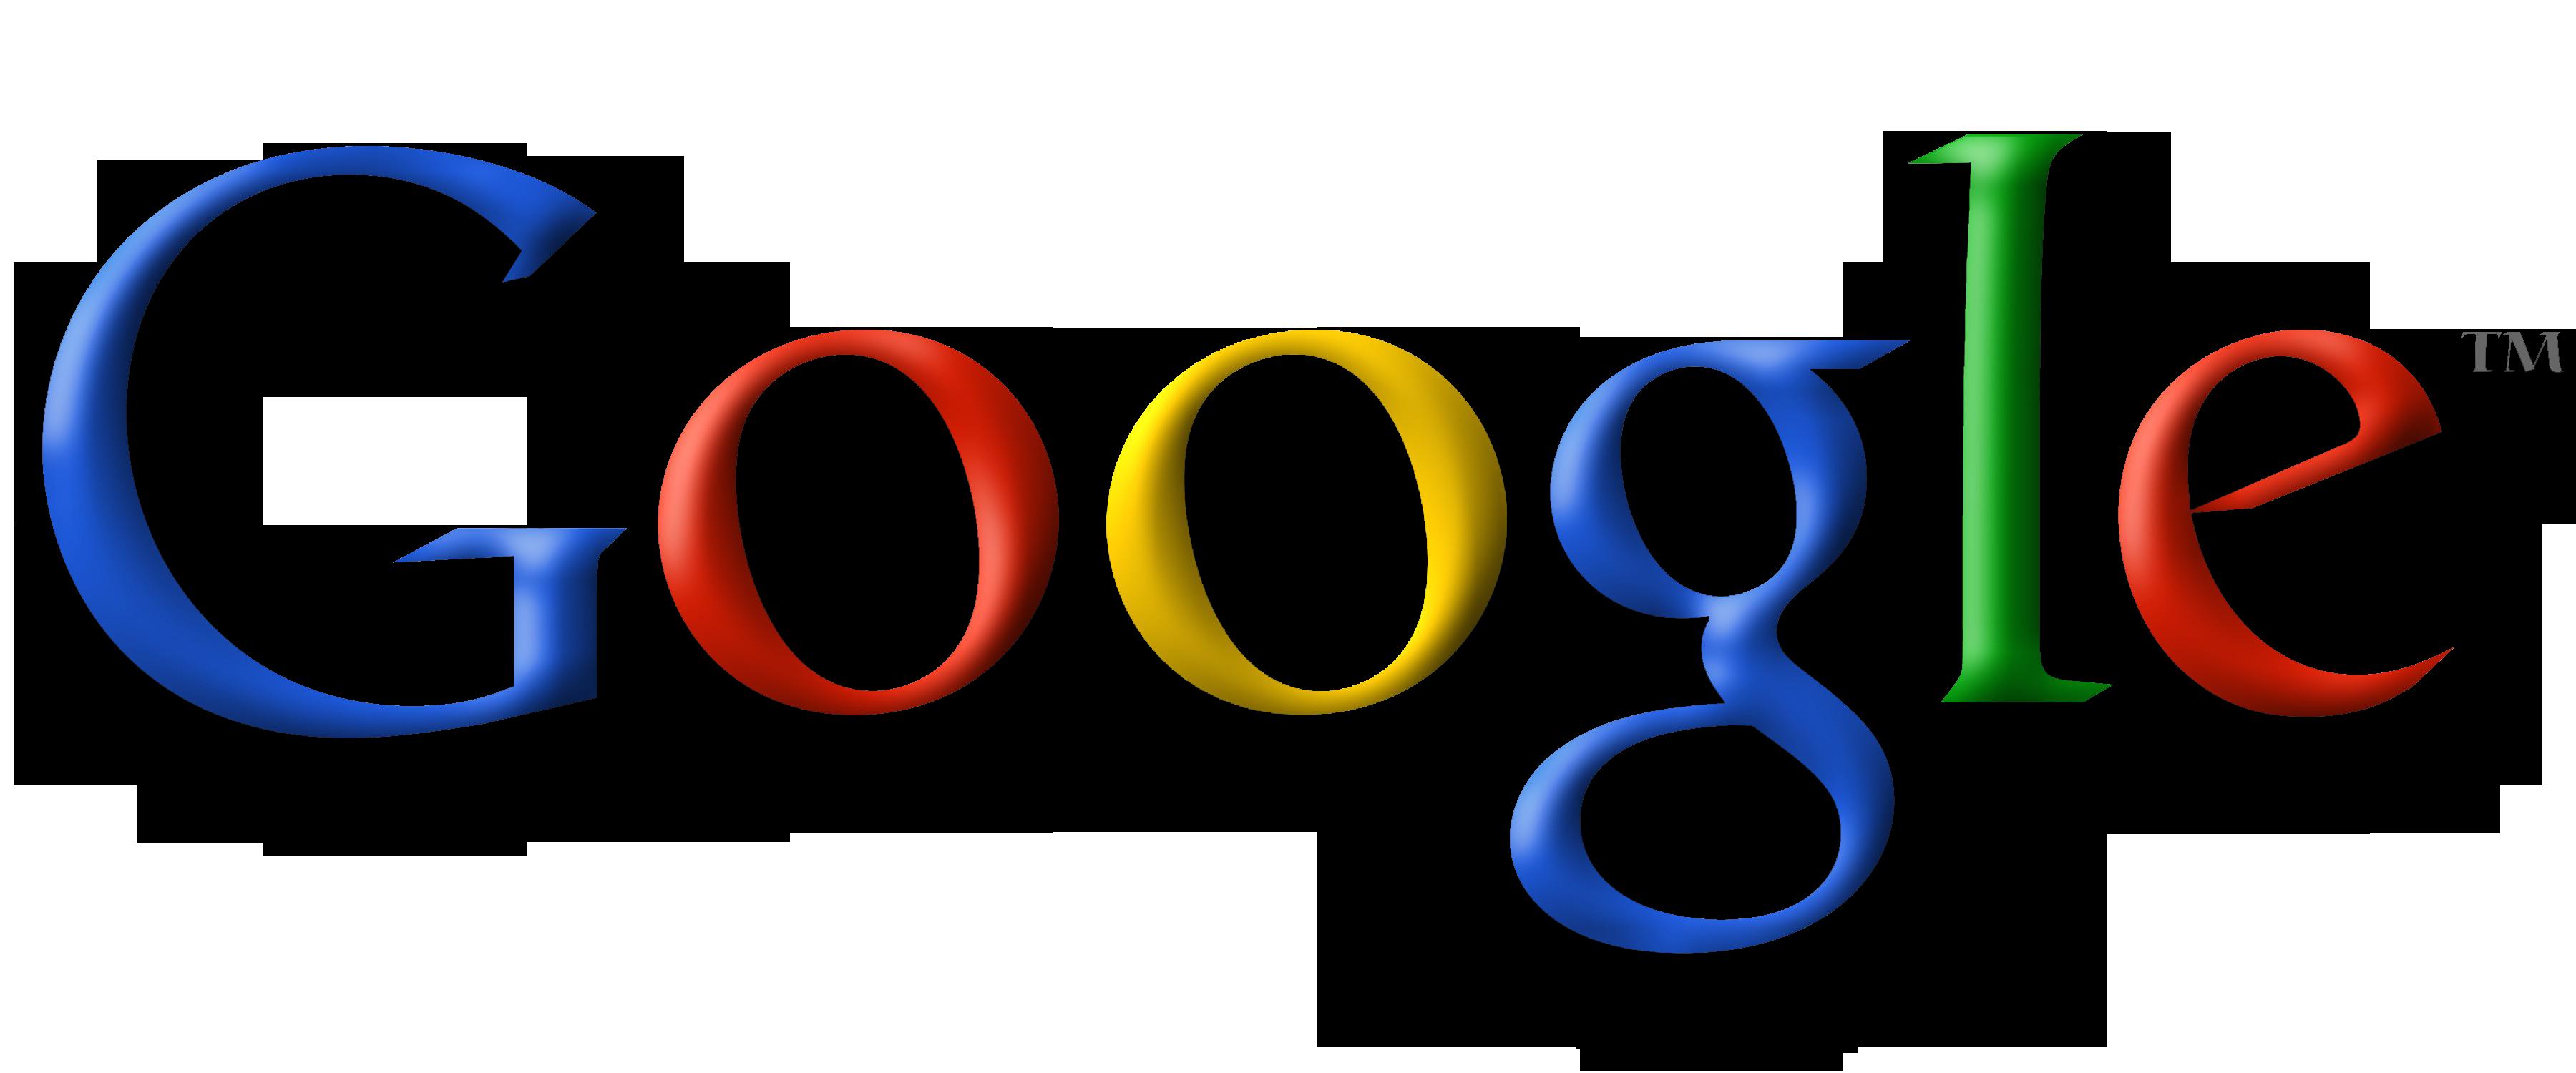 Σκάνδαλο με τη Google στην Ελλάδα - Δείτε το!